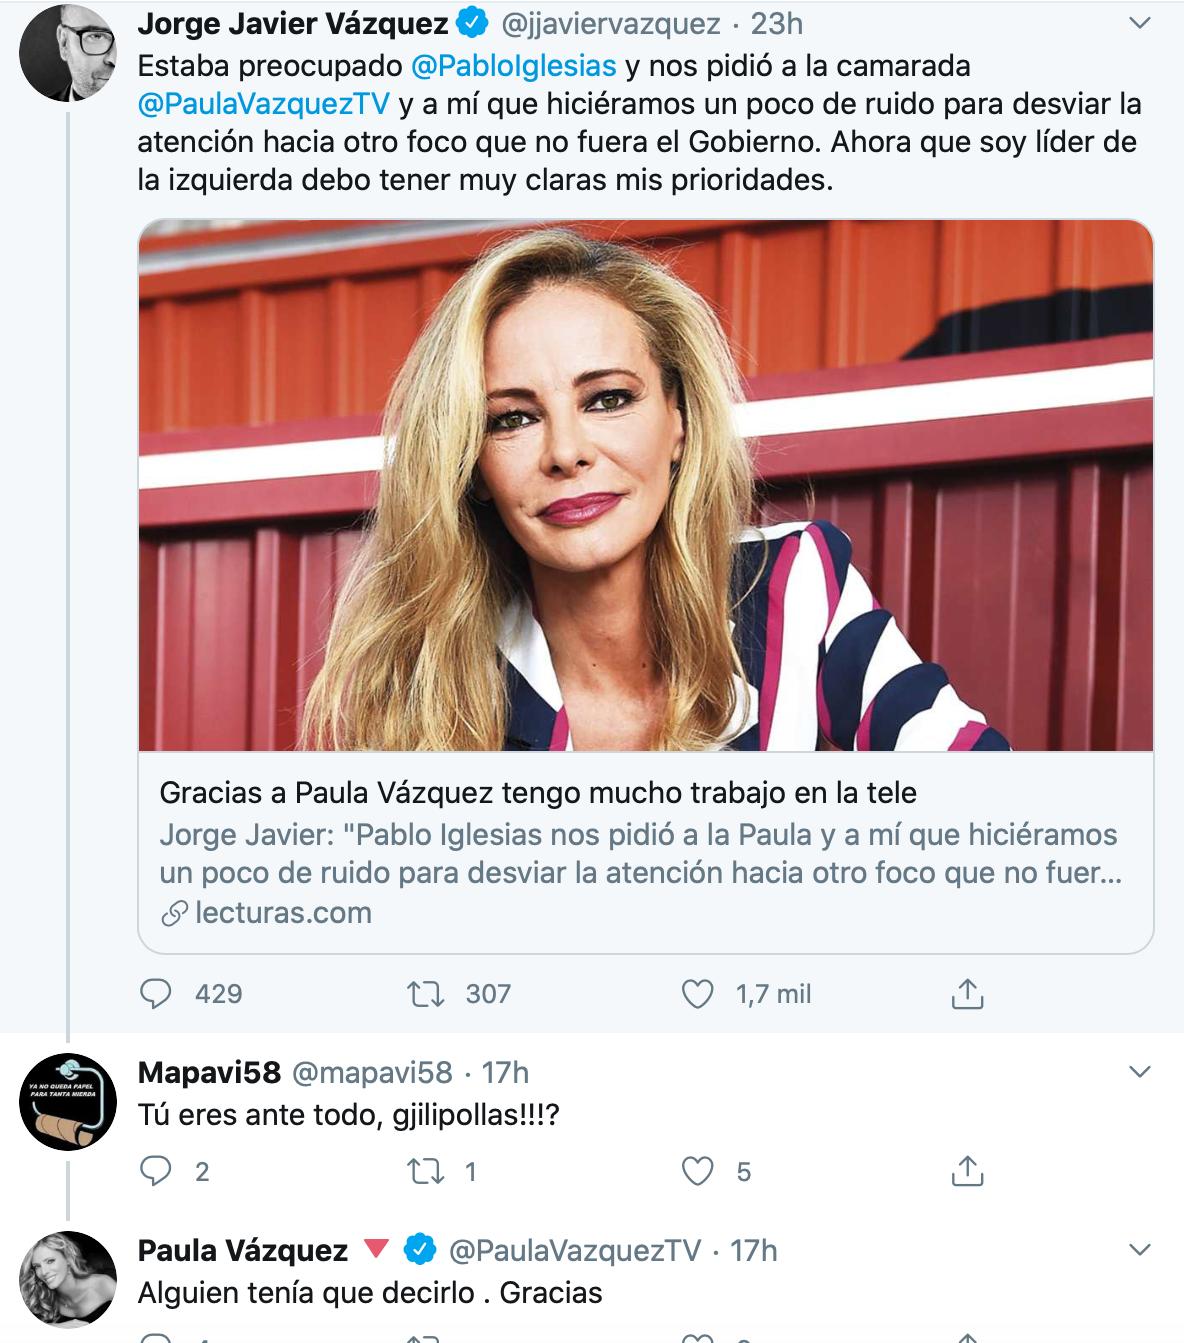 jorge-javier-vazquez-paula-vazquez-twitt